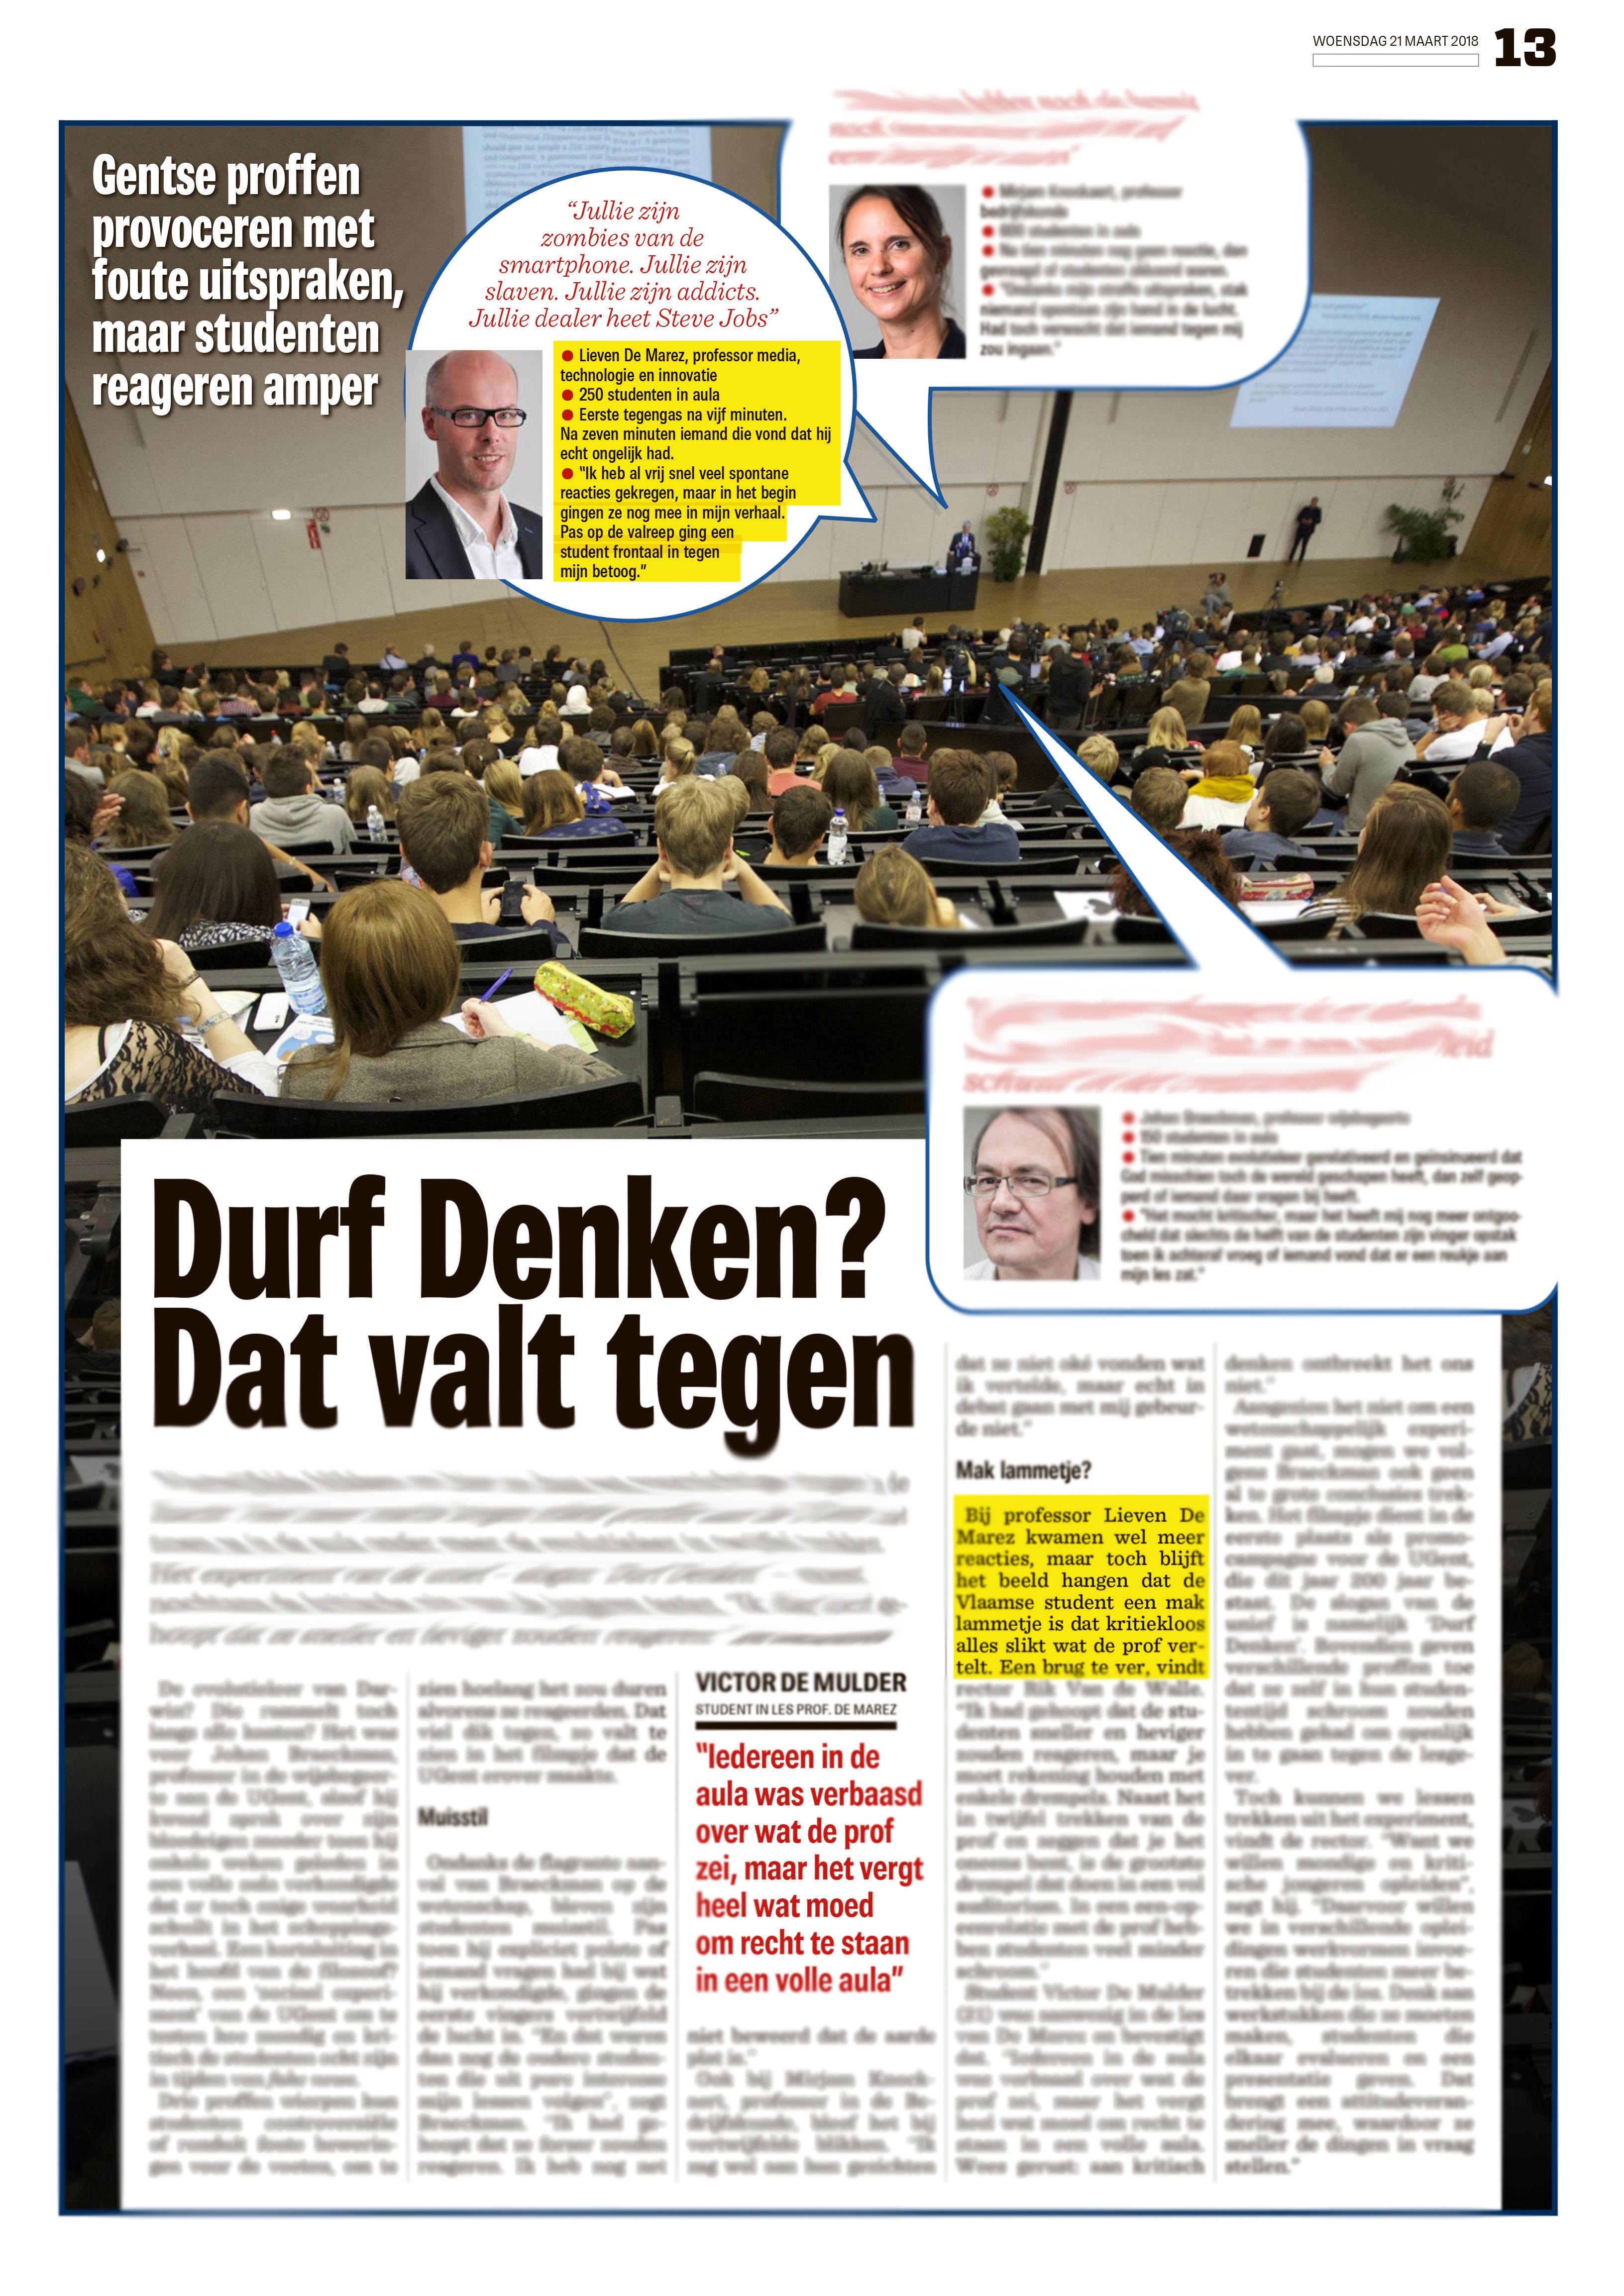 BRON: Het Nieuwsblad, 21/03/2018, p 13